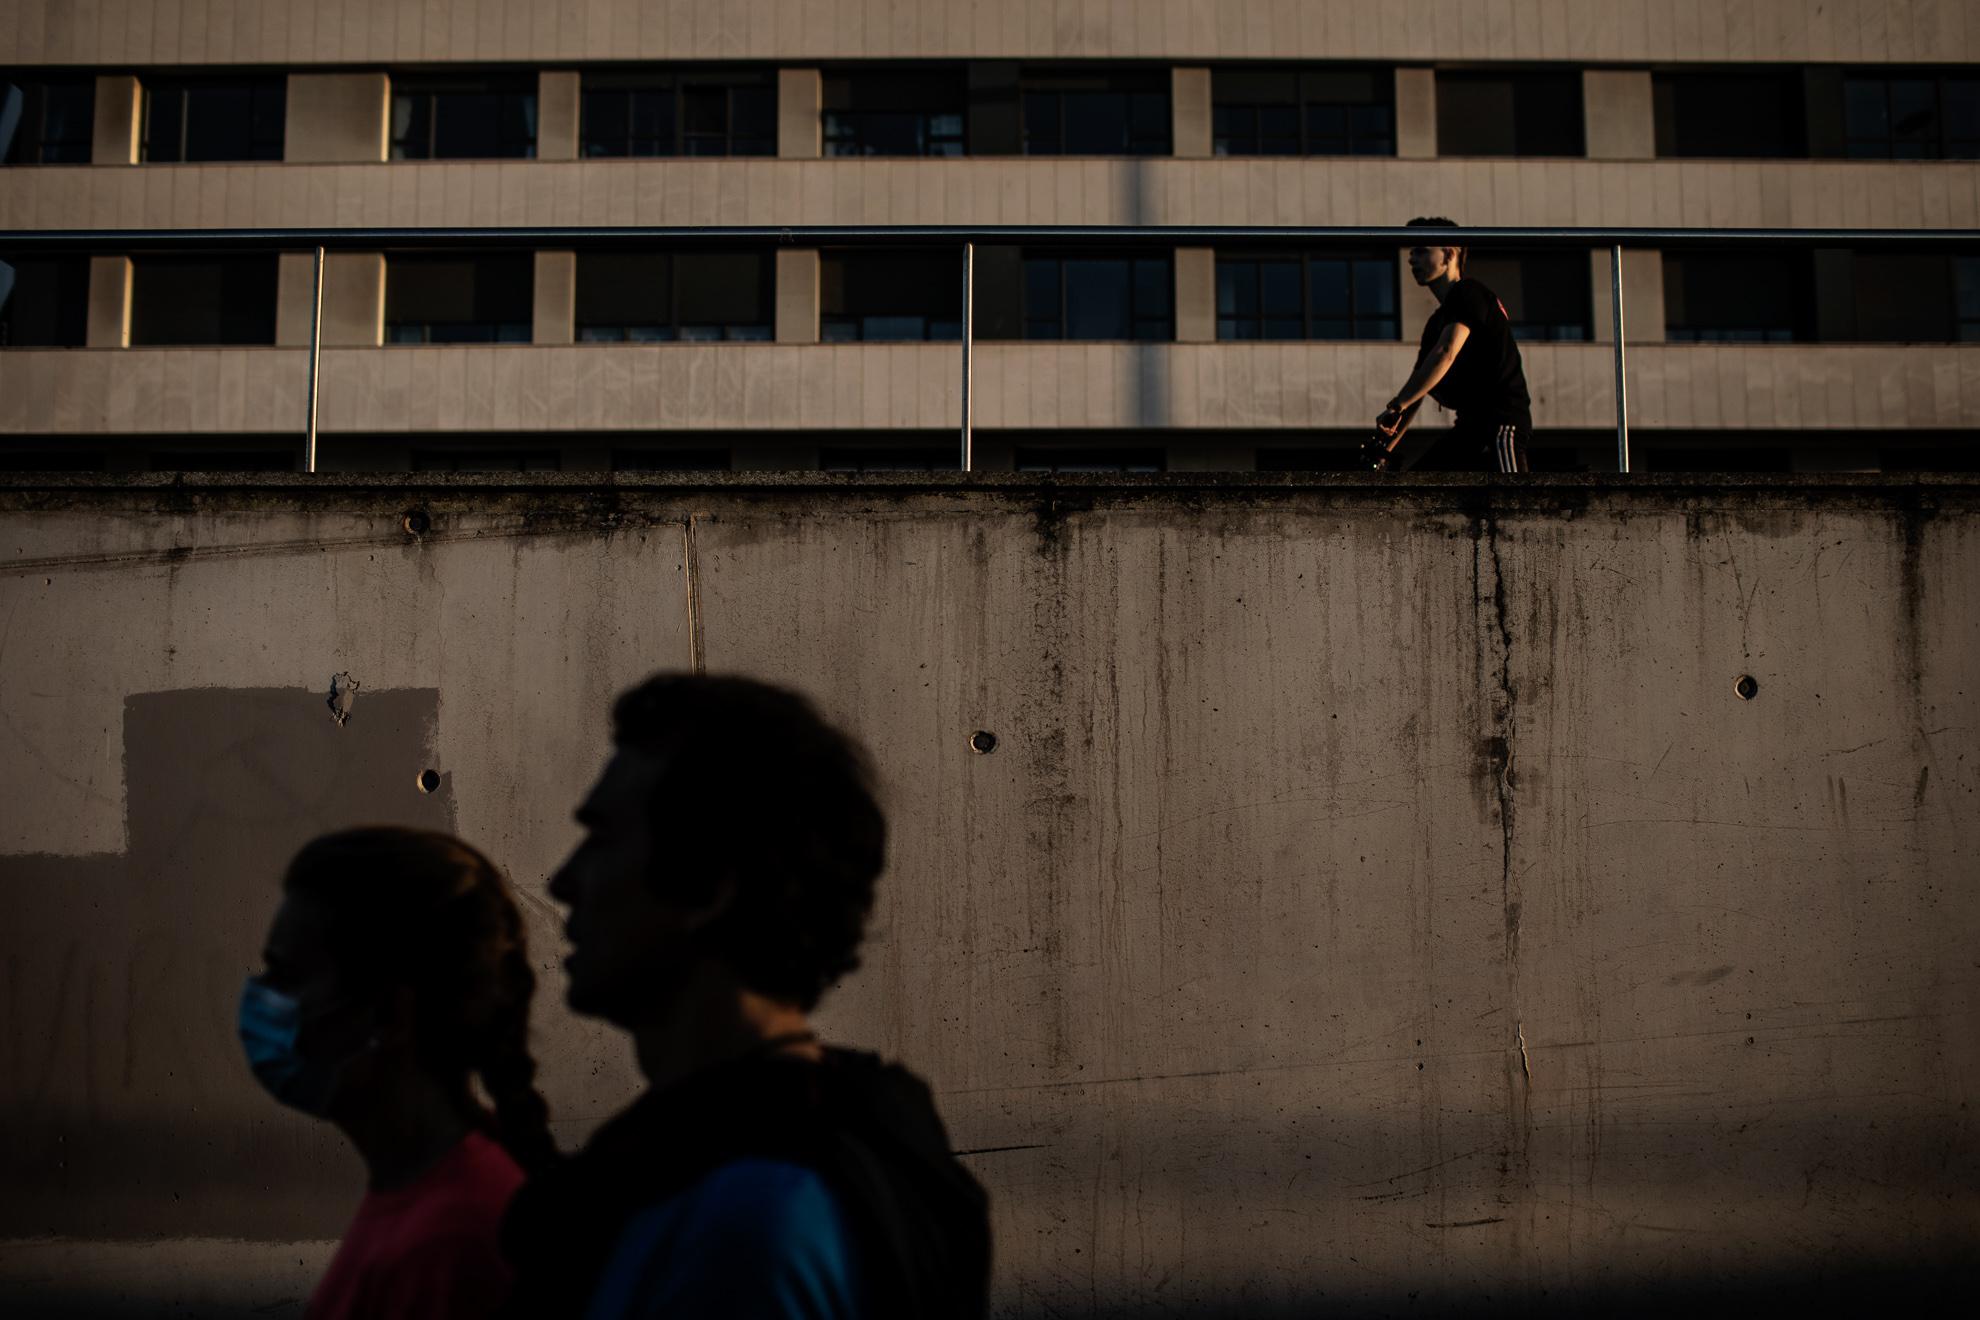 Los ciudadanos pasean por el paseo marítimo de Gijón durante la apertura del horario de reclusión. Gijón, Asturias, España. 13 de mayo, 2020.